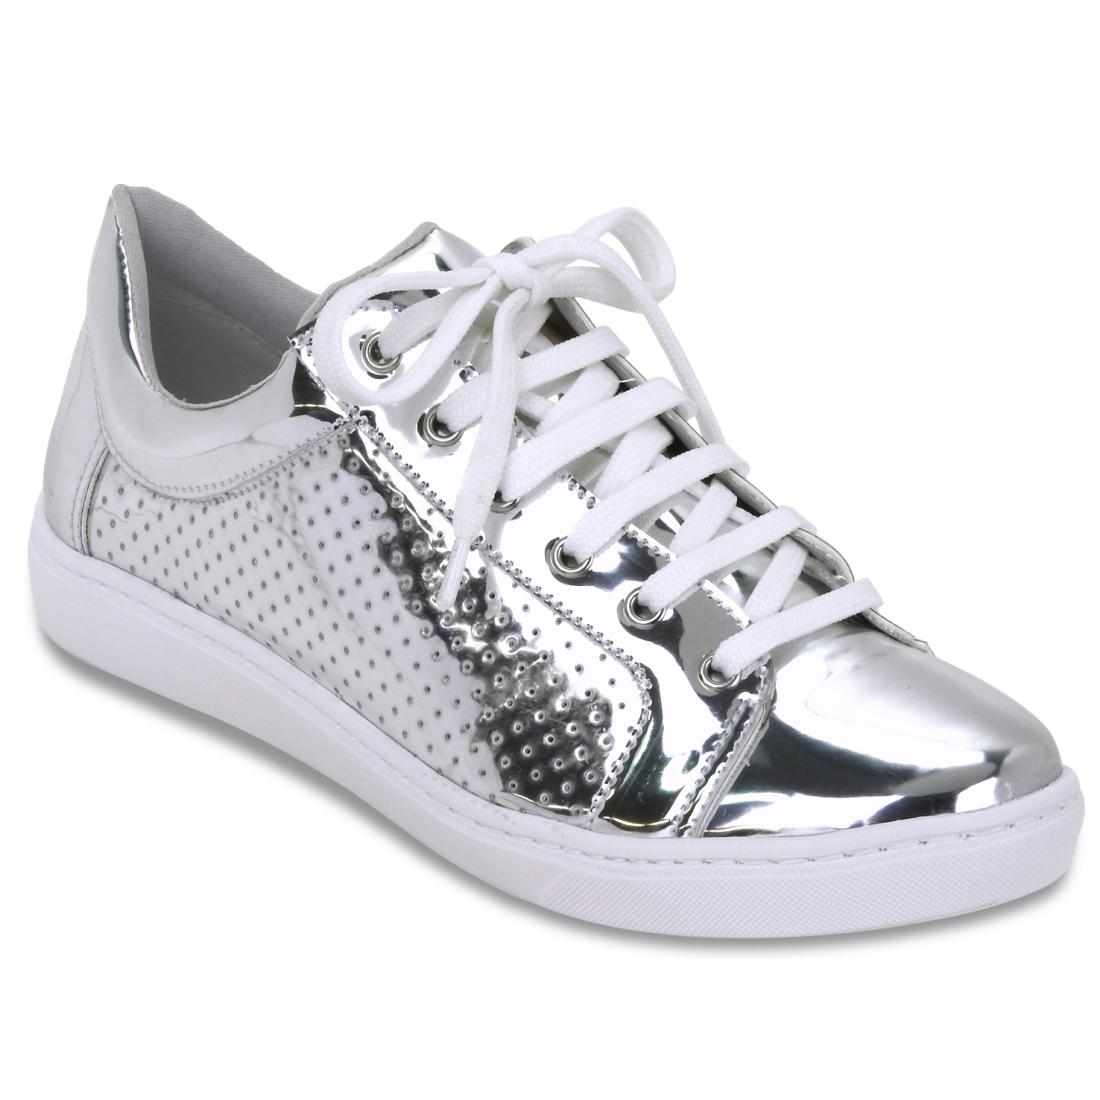 16-12412-PRATA Moda de rua: Tenis e sapatos Metalizados